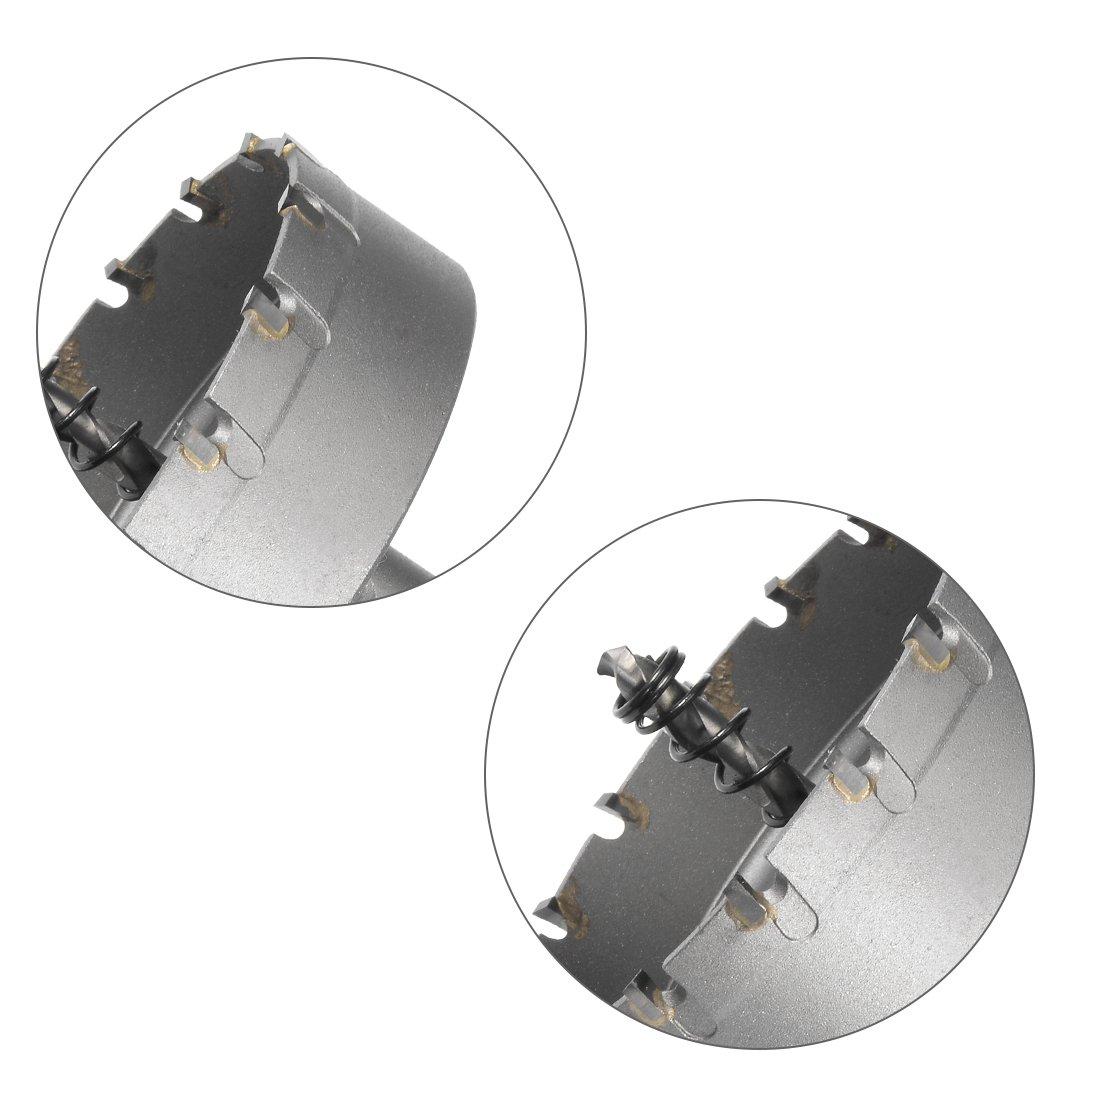 sourcing map taladro metal de Taladro Cortador de Agujeros de Carburo para aleaci/ón de acero inoxidable de 35mm